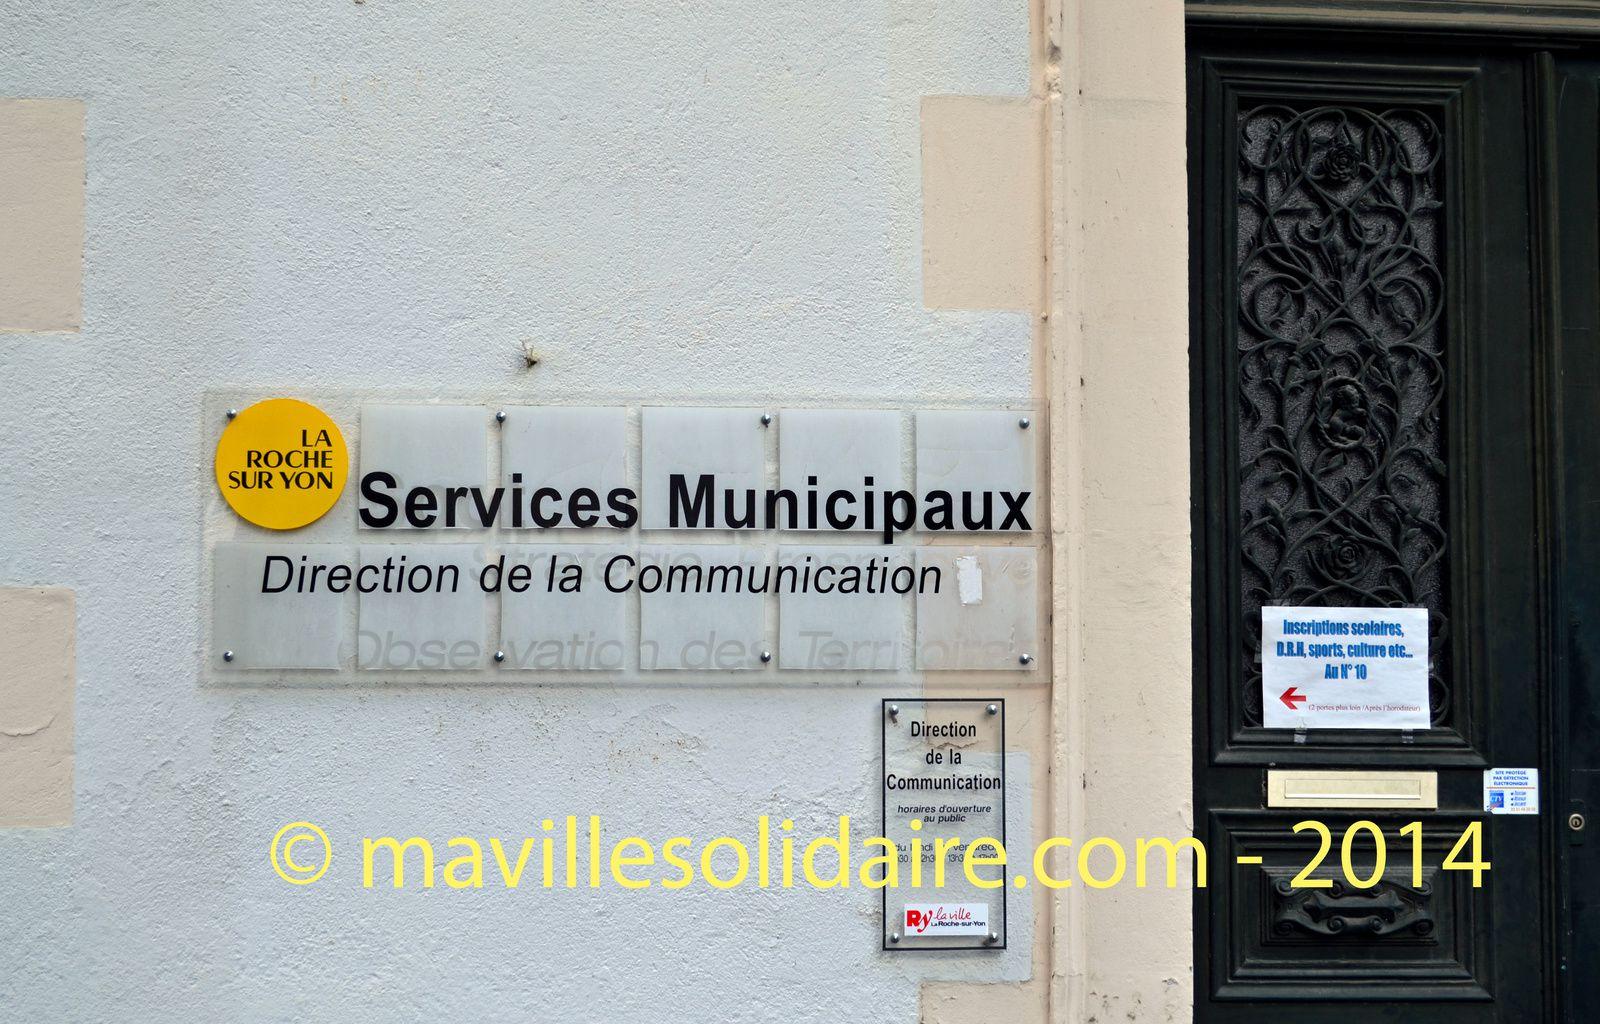 La Ville de la Roche-sur-Yon assure sa communication.